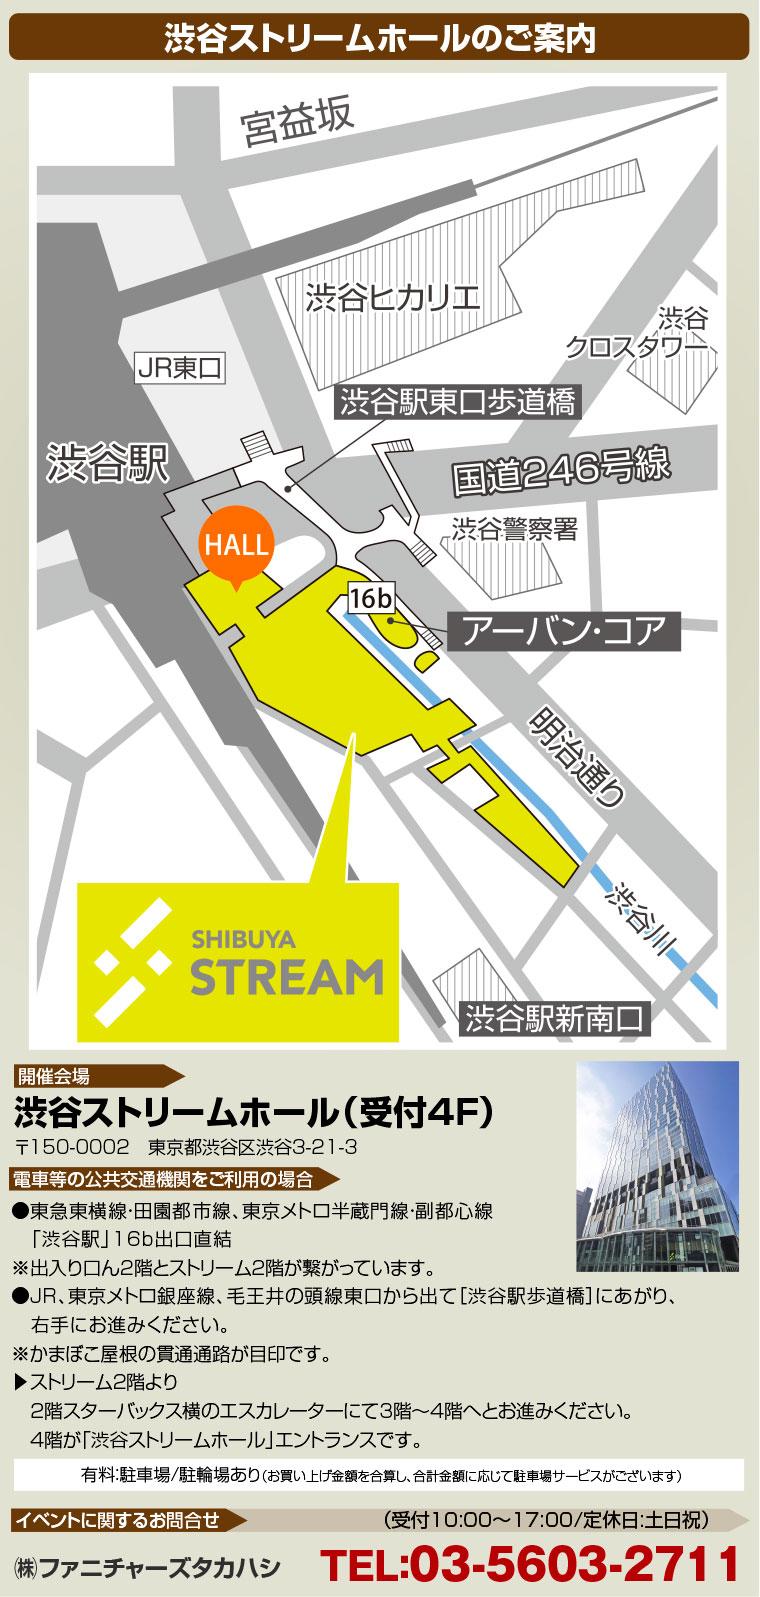 渋谷ストリームホールへのアクセス